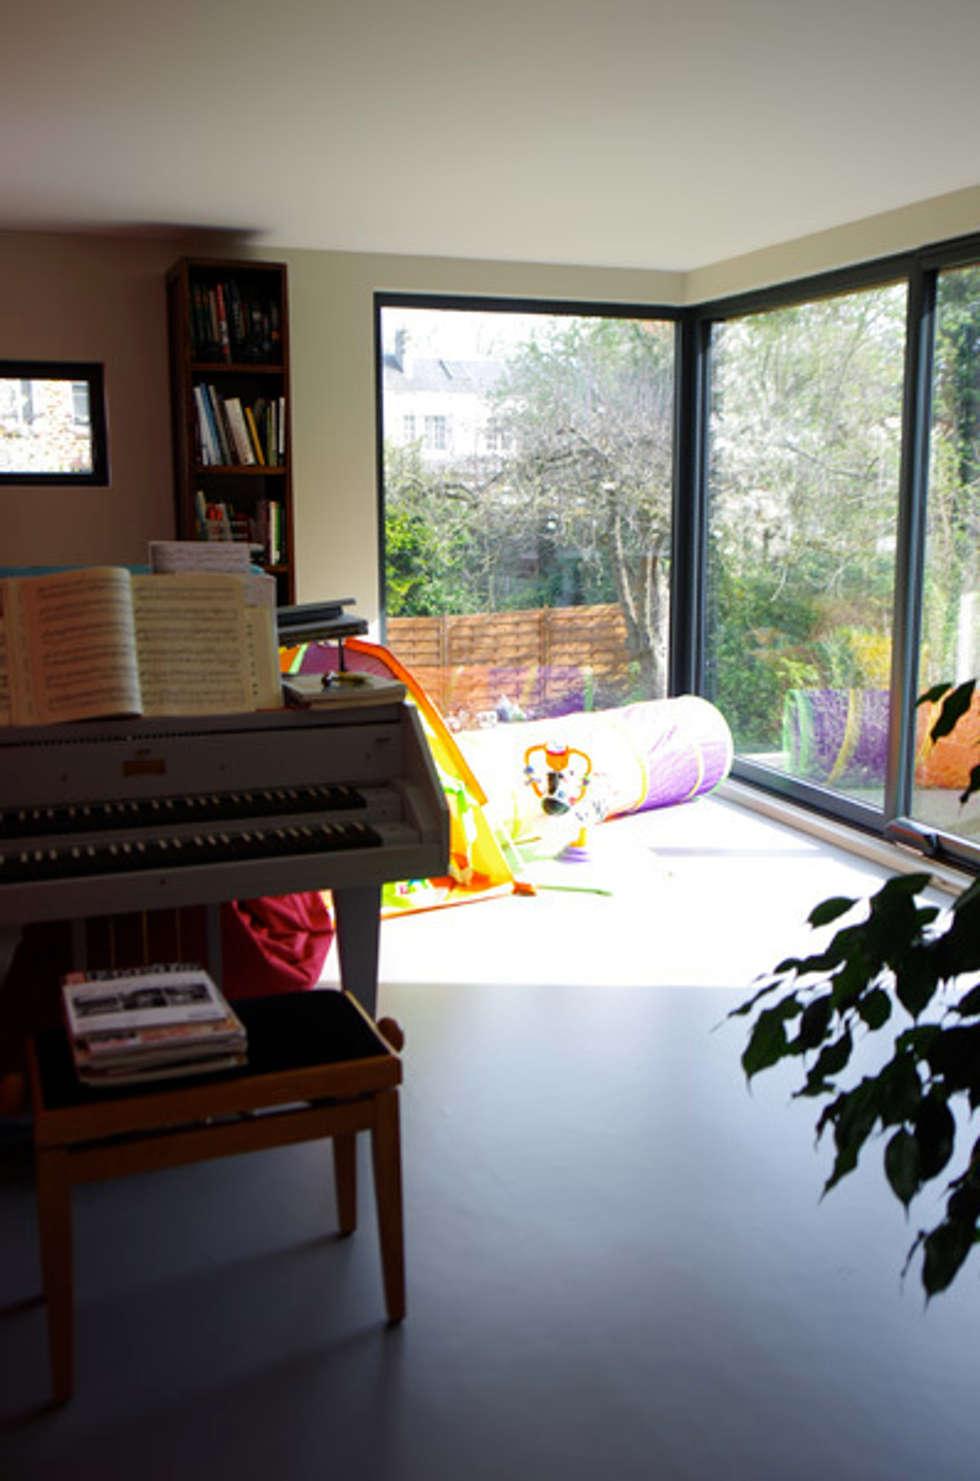 Le salon de musique: Maisons de style de style Moderne par Atelier d'Architecture Marc Lafagne,  architecte dplg